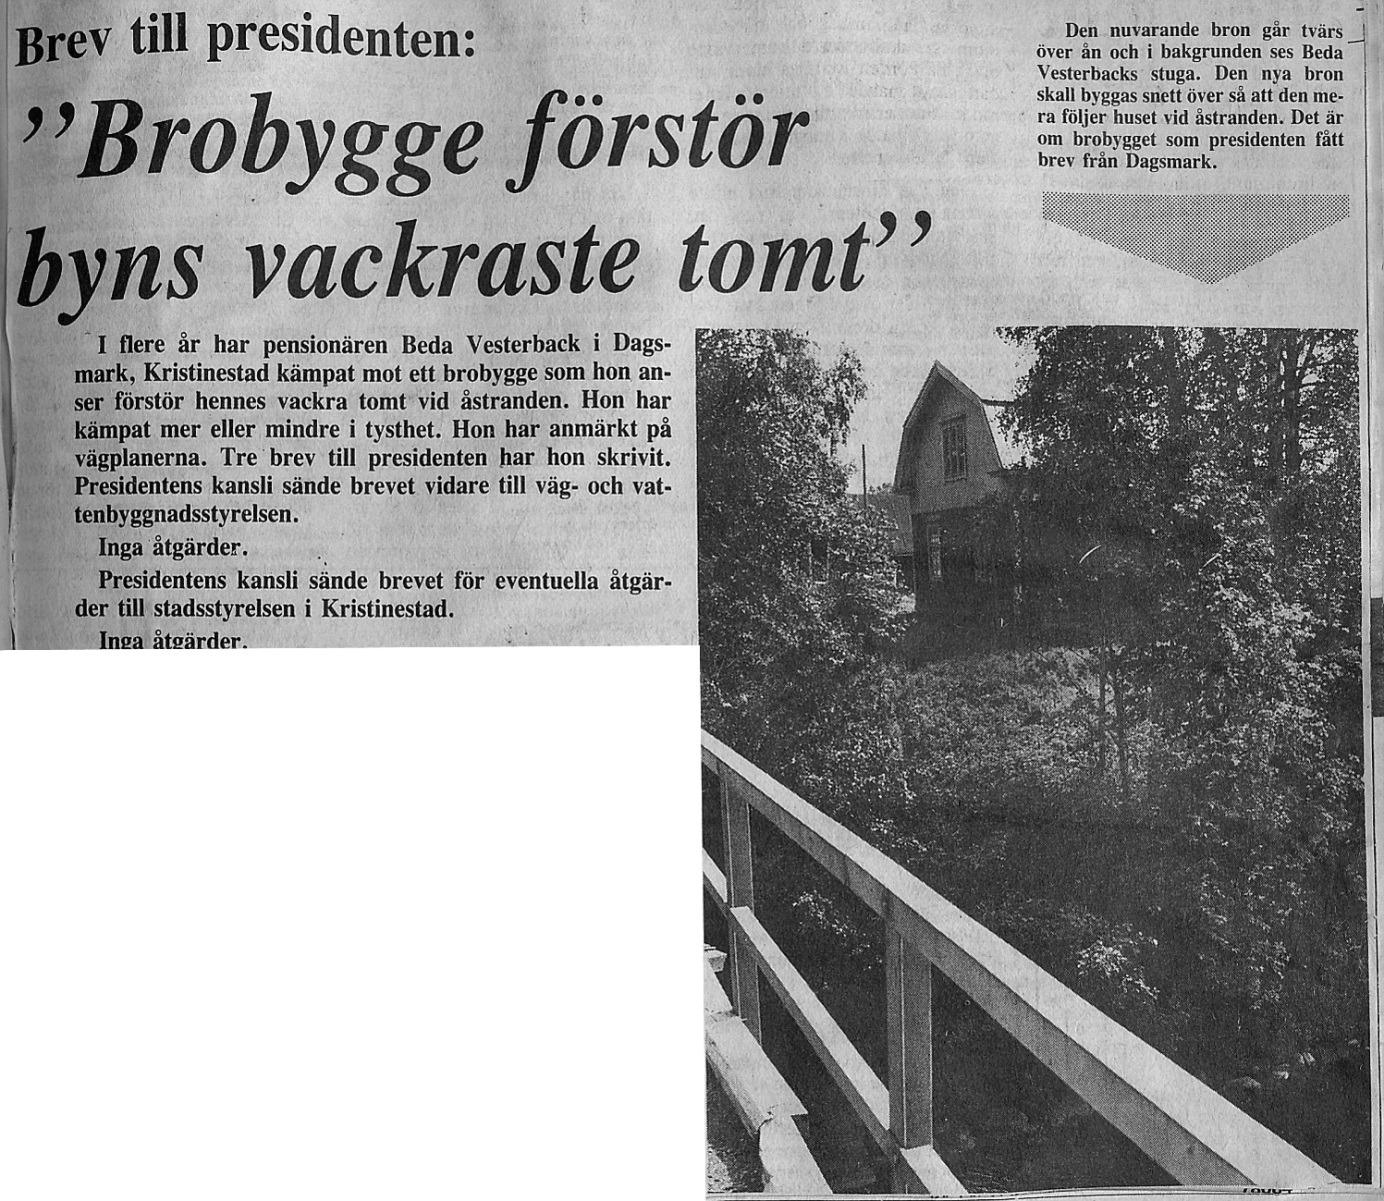 Pensionären Beda Westerback som bodde nära bron på den södra sidan besvärade sig flera gånger, bland annat till republikens president men fick inget gehör.